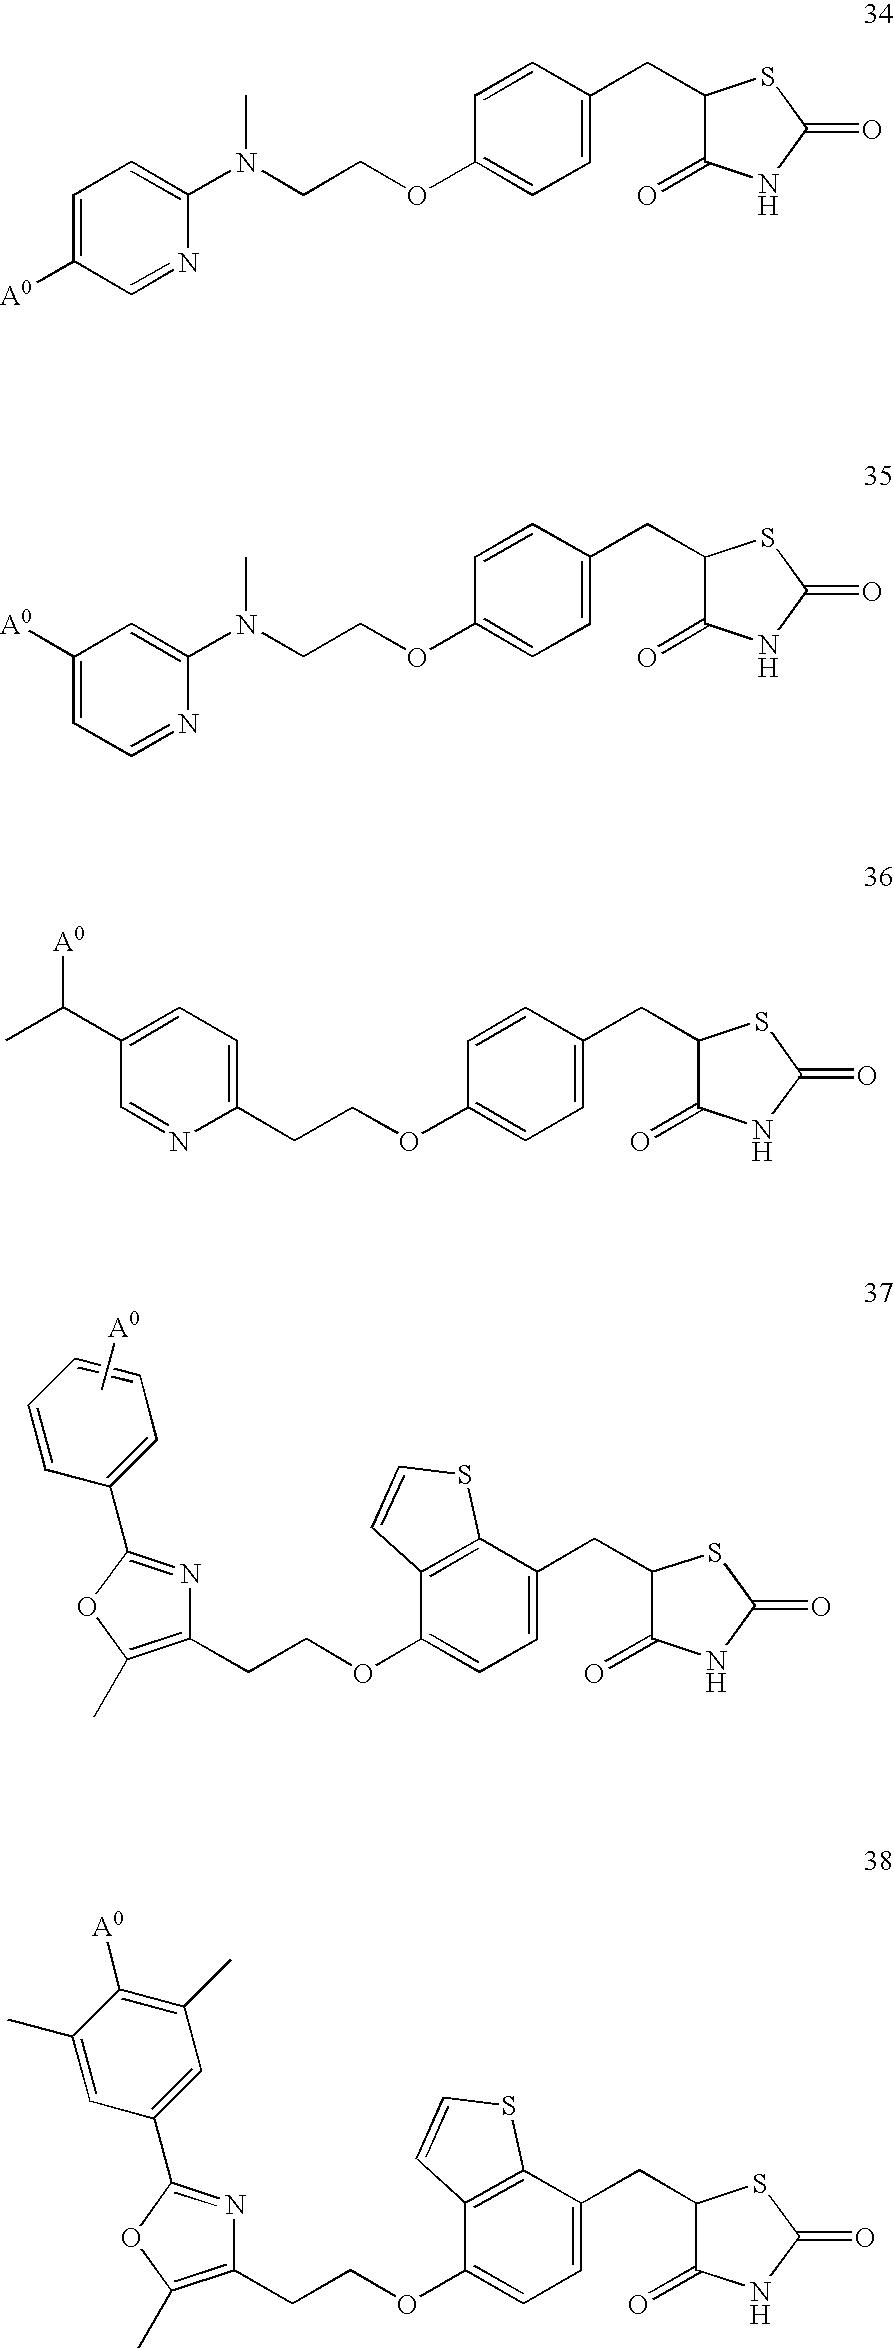 Figure US07407965-20080805-C00017